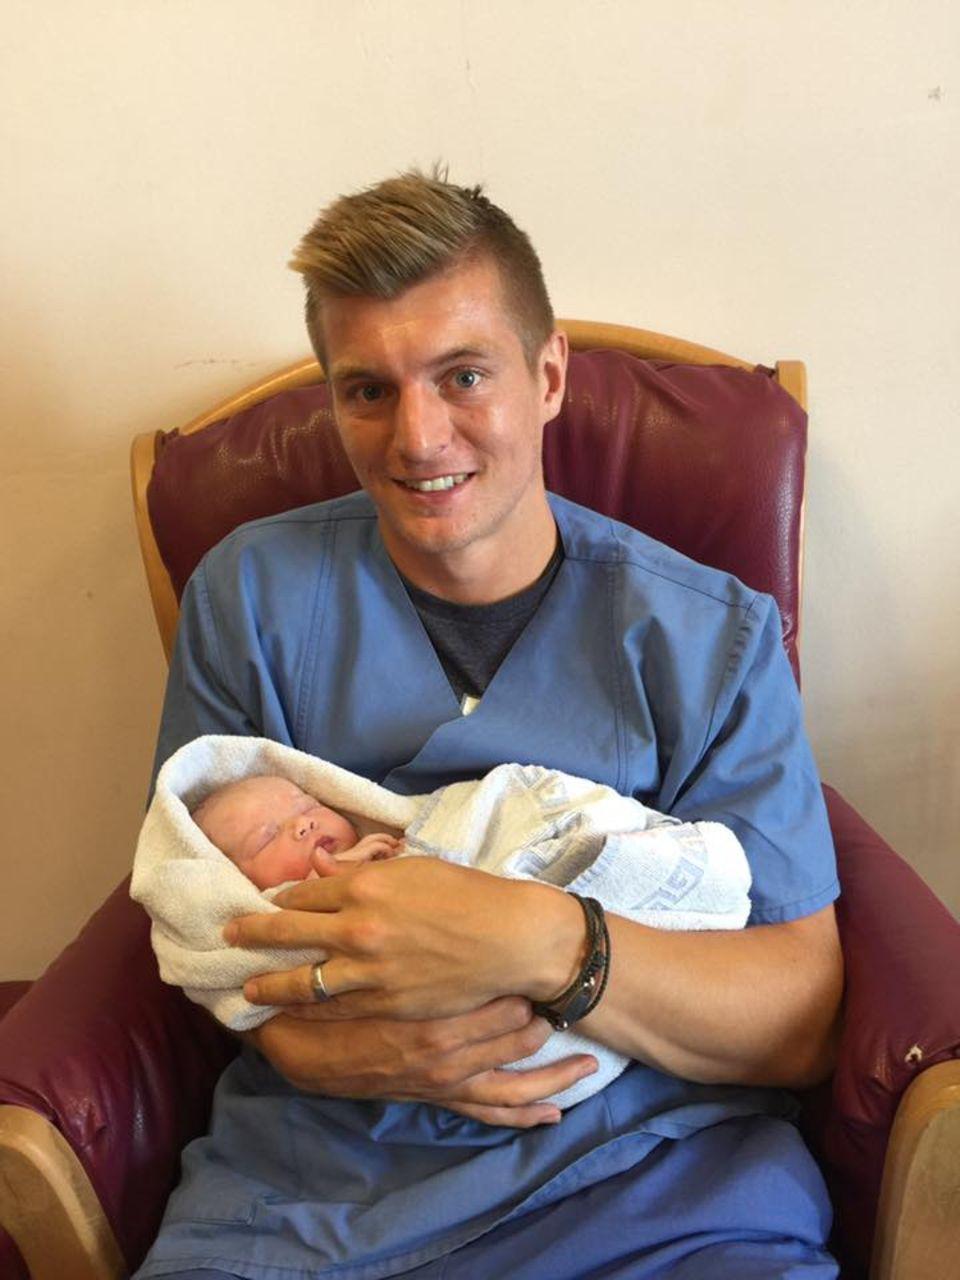 Juli 2016  Toni Kroos hält stolz sein zweites Baby in den Armen. Auch wir heißen die kleine Amelie willkommen und gratulieren dem Mittelfeldstar.